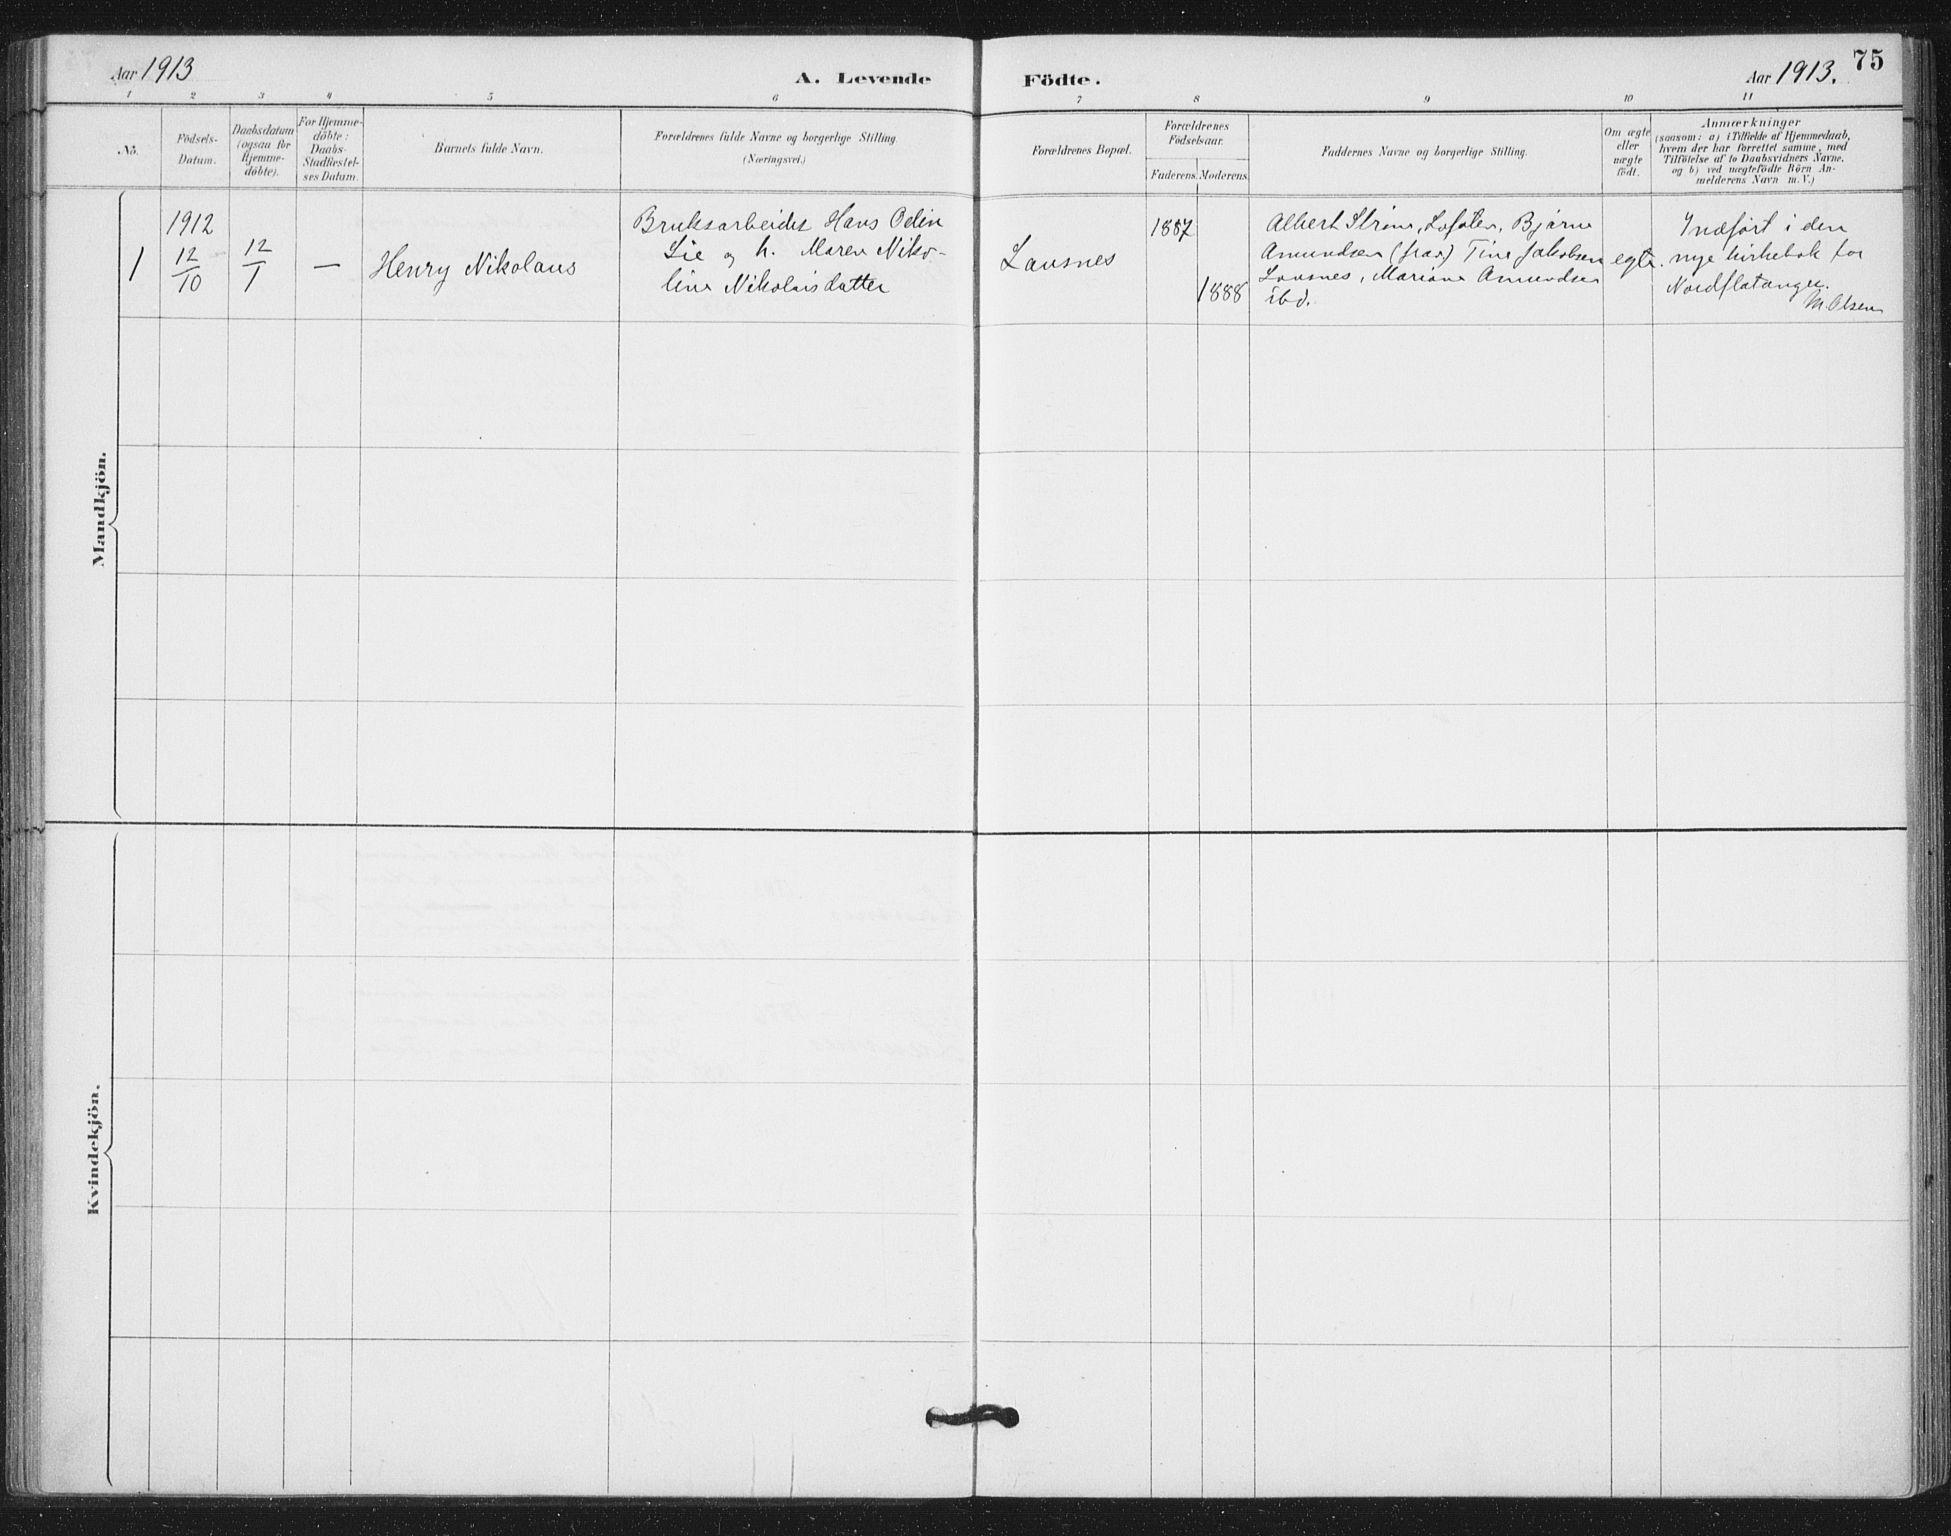 SAT, Ministerialprotokoller, klokkerbøker og fødselsregistre - Nord-Trøndelag, 772/L0603: Ministerialbok nr. 772A01, 1885-1912, s. 75